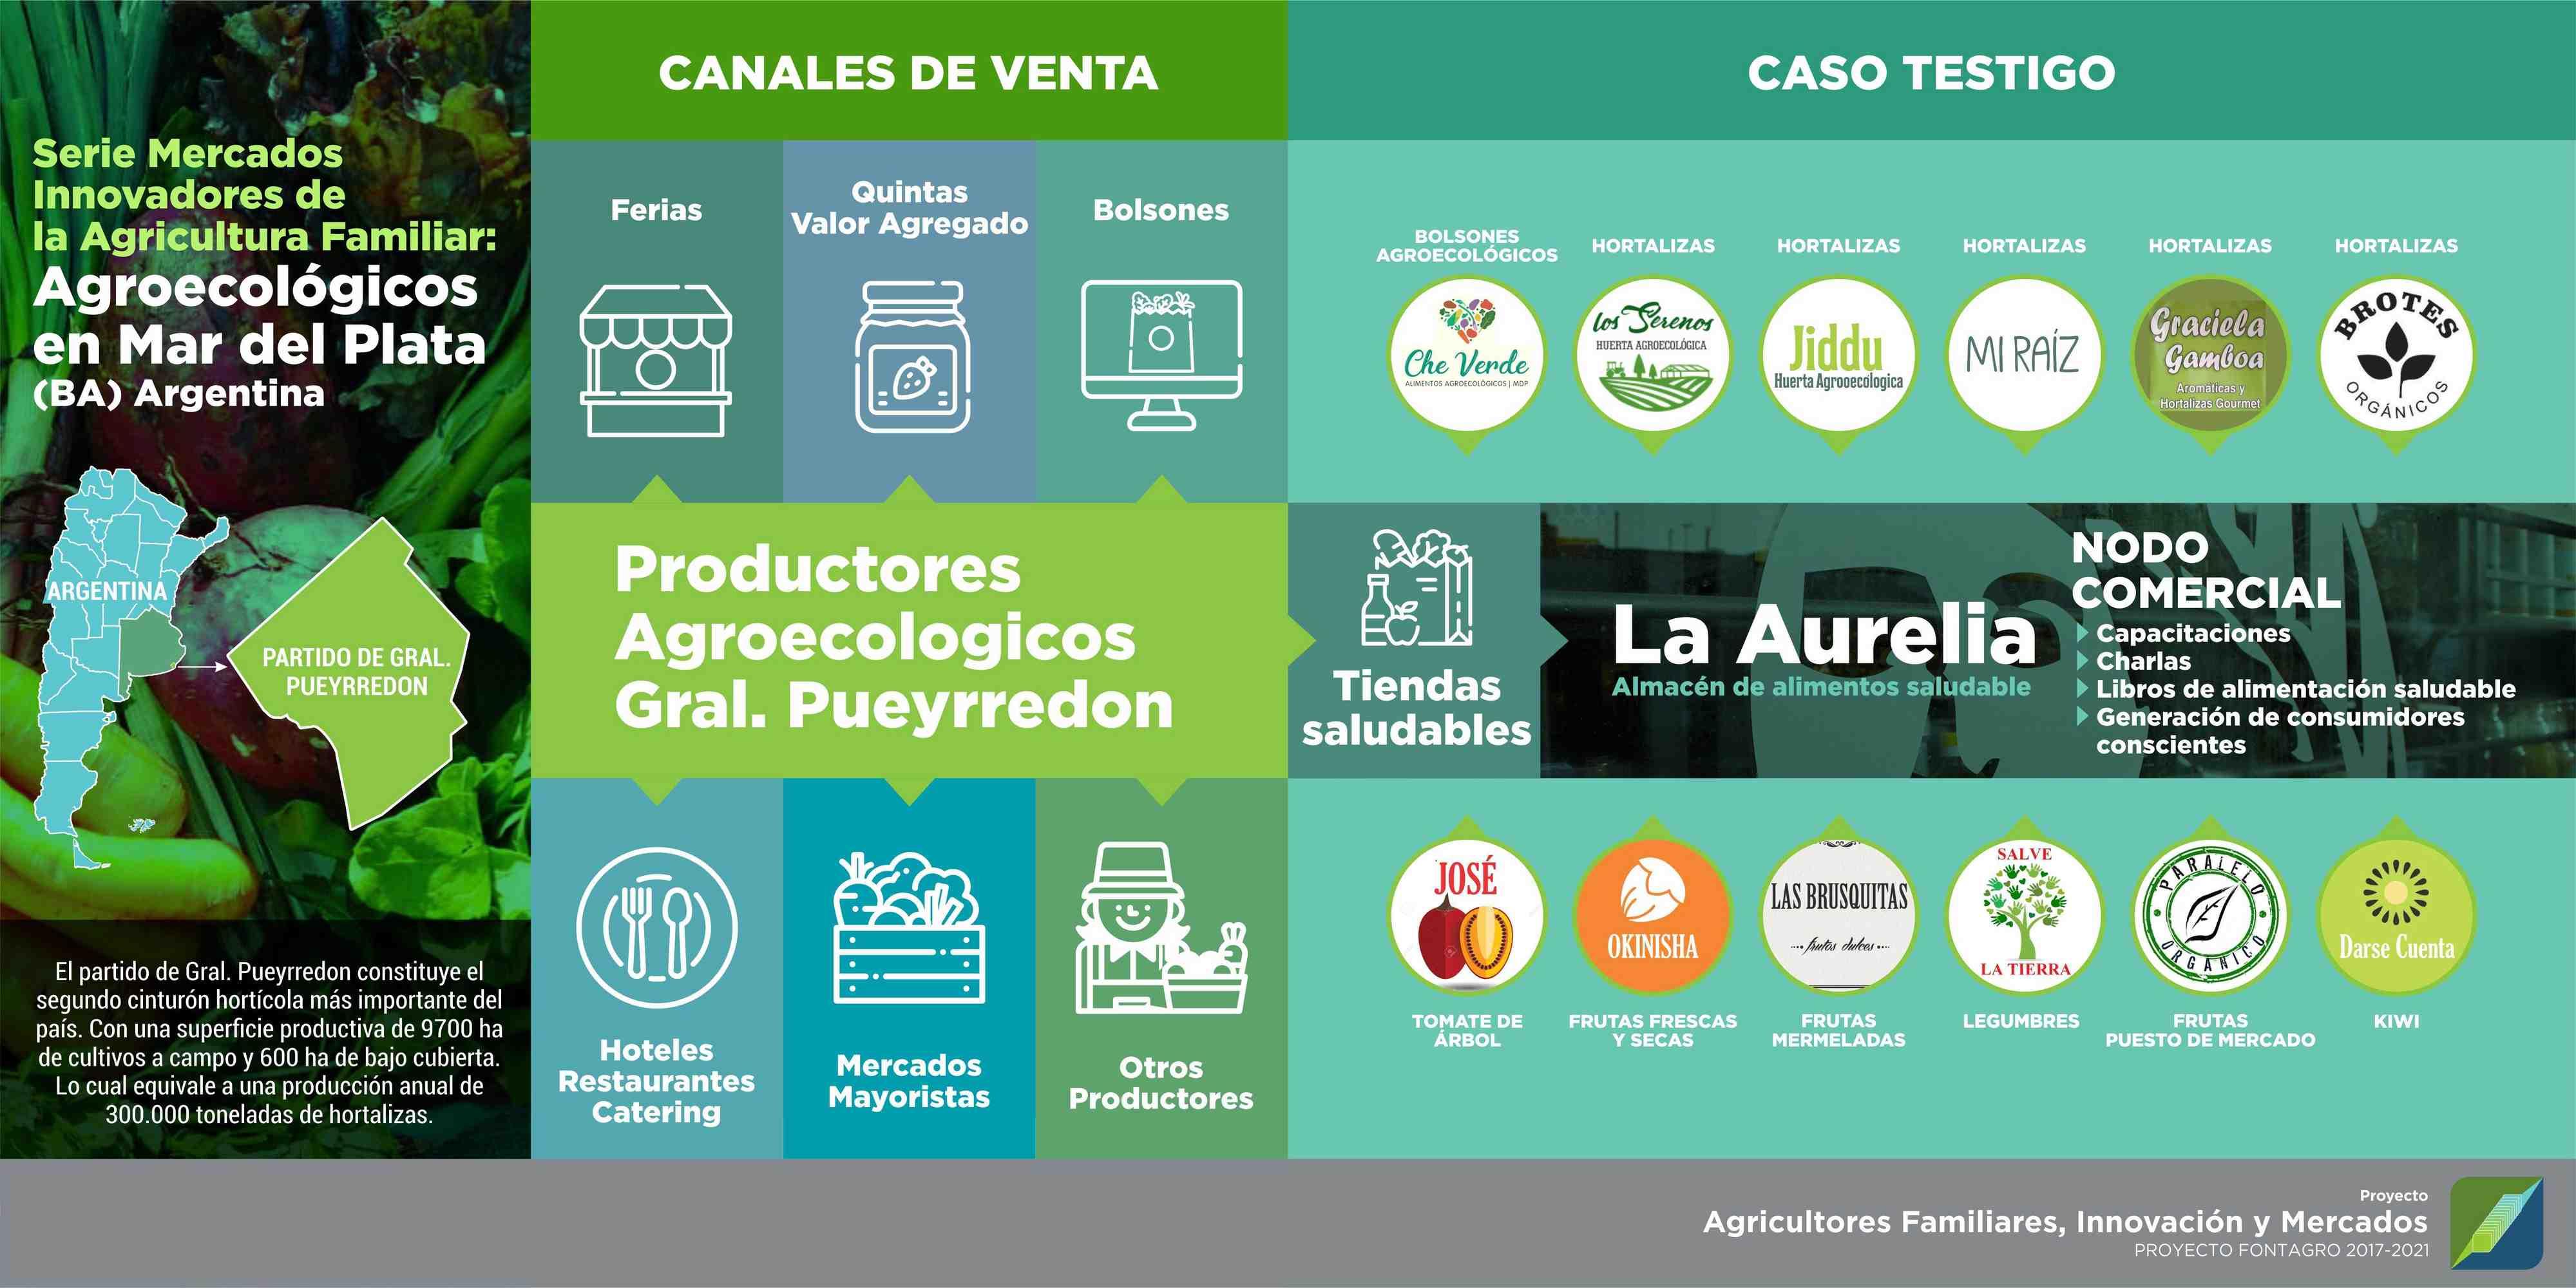 Caso Testigo: Tiendas Saludables en los Canales de venta de Productores Agroecológicos en el partido de Gral. Pueyrredon (Buenos Aires)